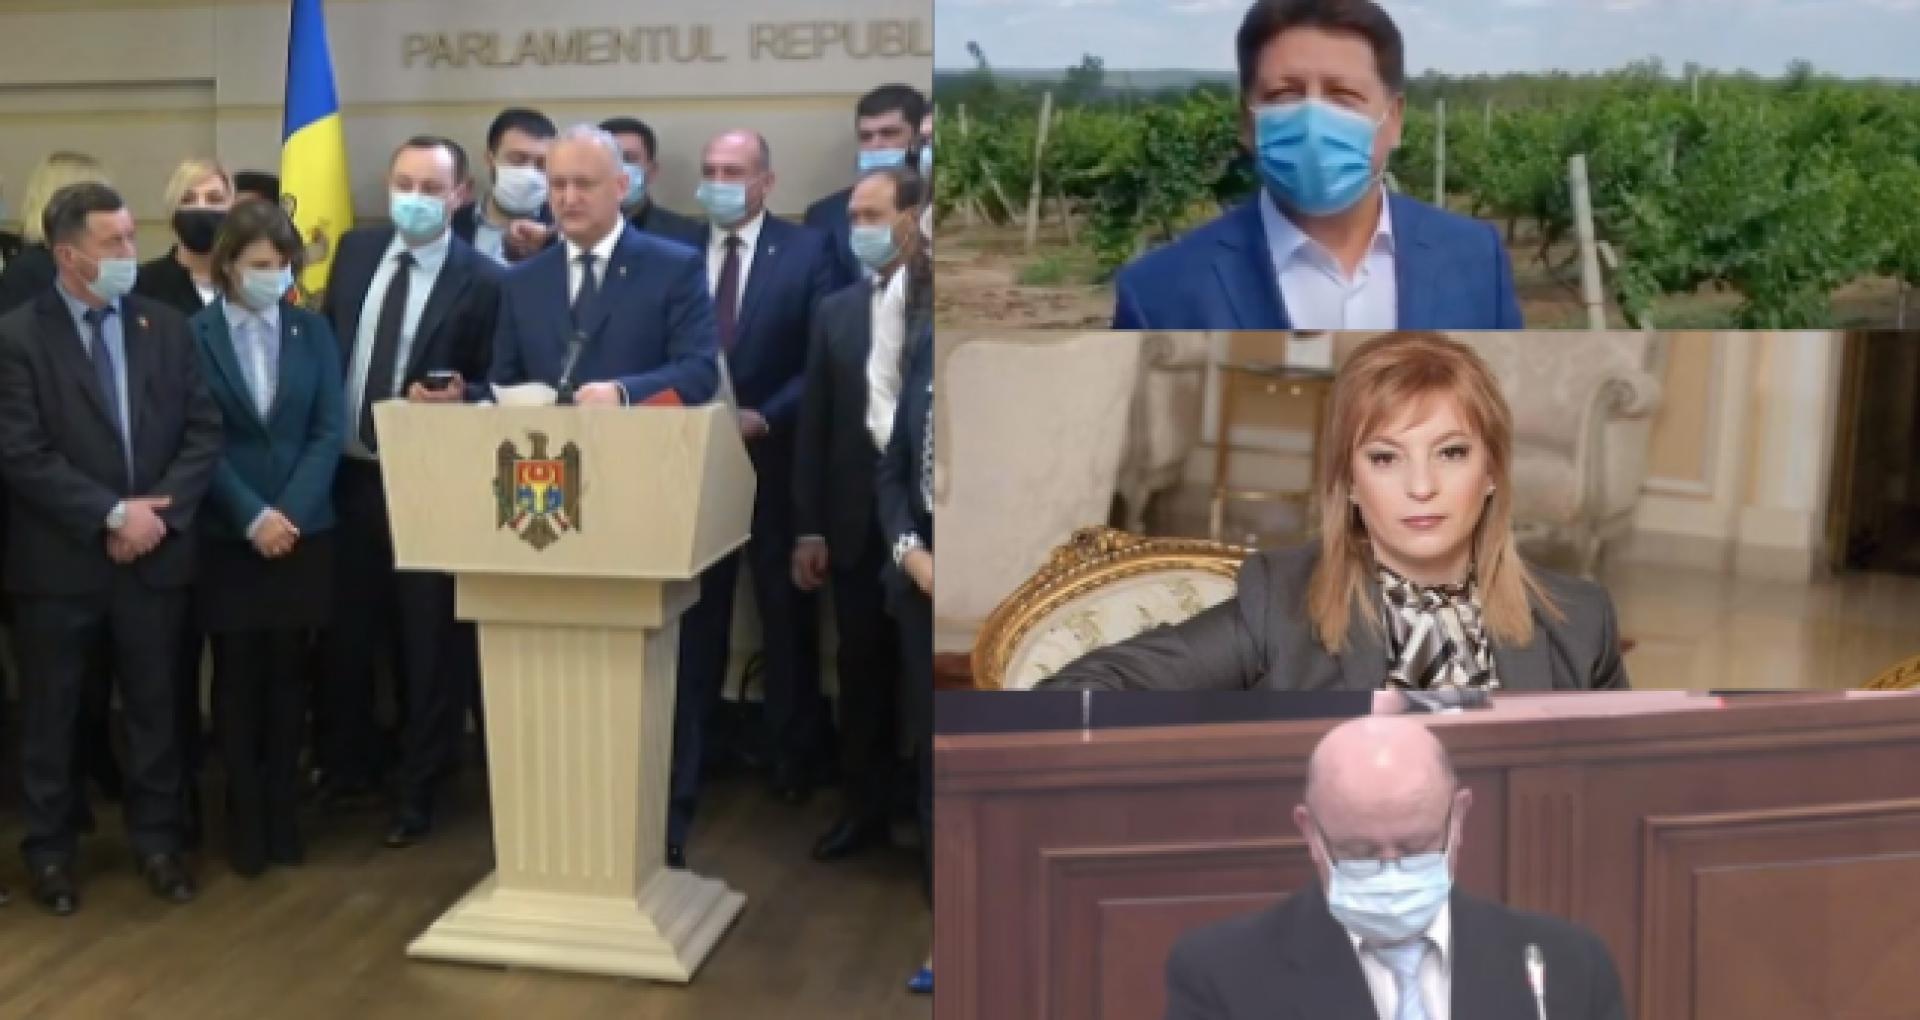 Maratonul retragerilor: Gațcan, Durleșteanu și Lupașcu – oameni înaintați sau promovați de socialiști la funcții cu demnitate publică decid să se retragă